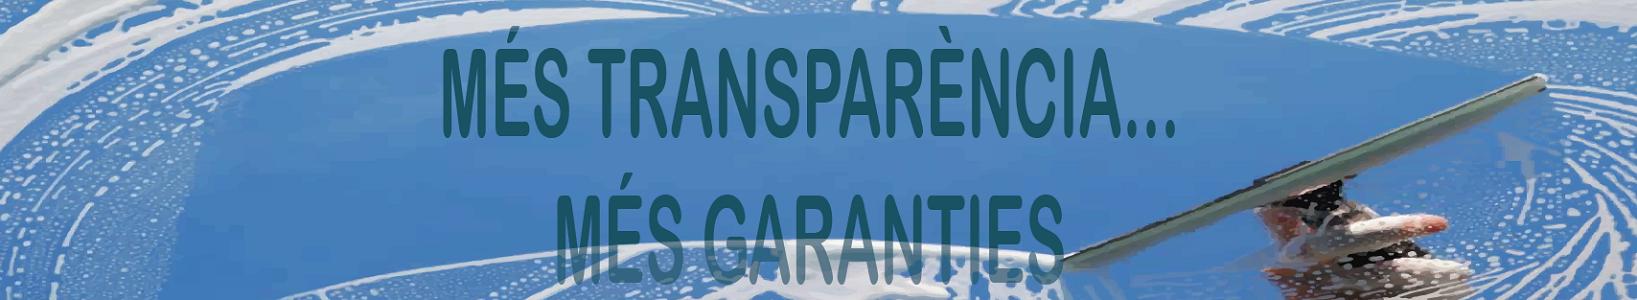 bannertransparencia_2-01